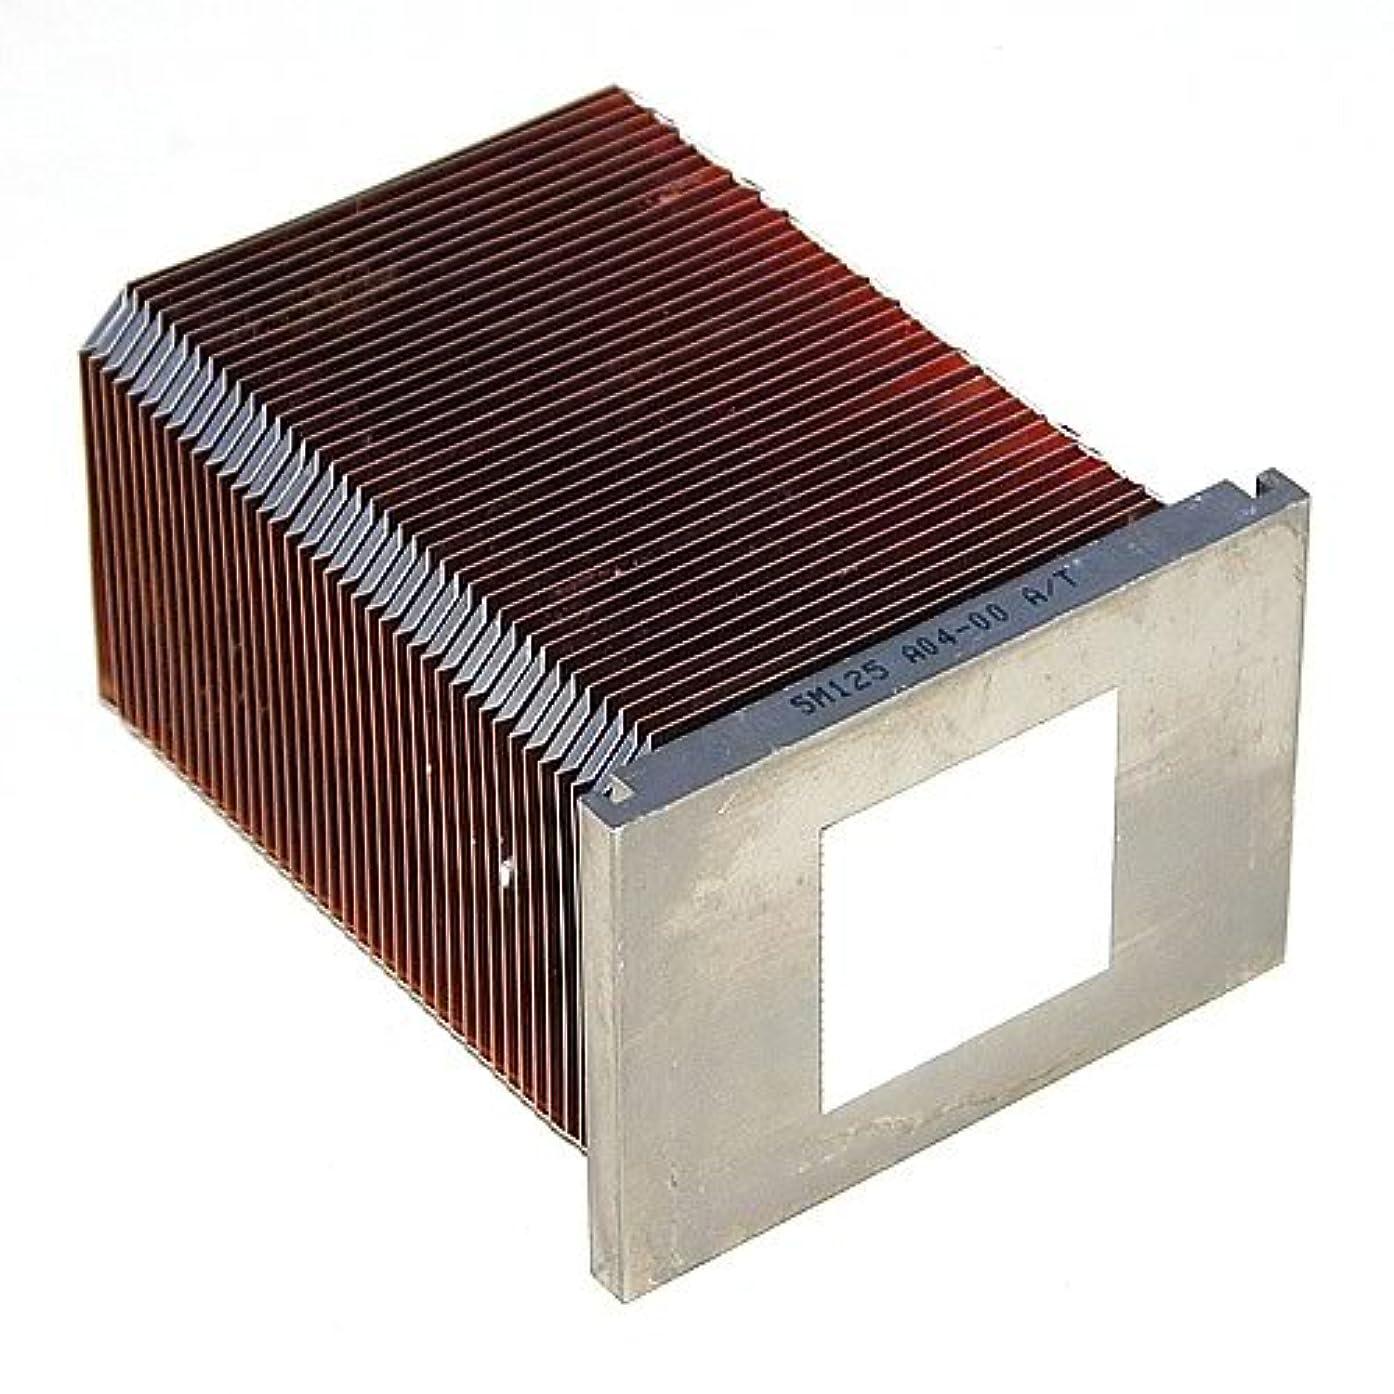 DELL - DELL 5M125 CPU HEATSINK